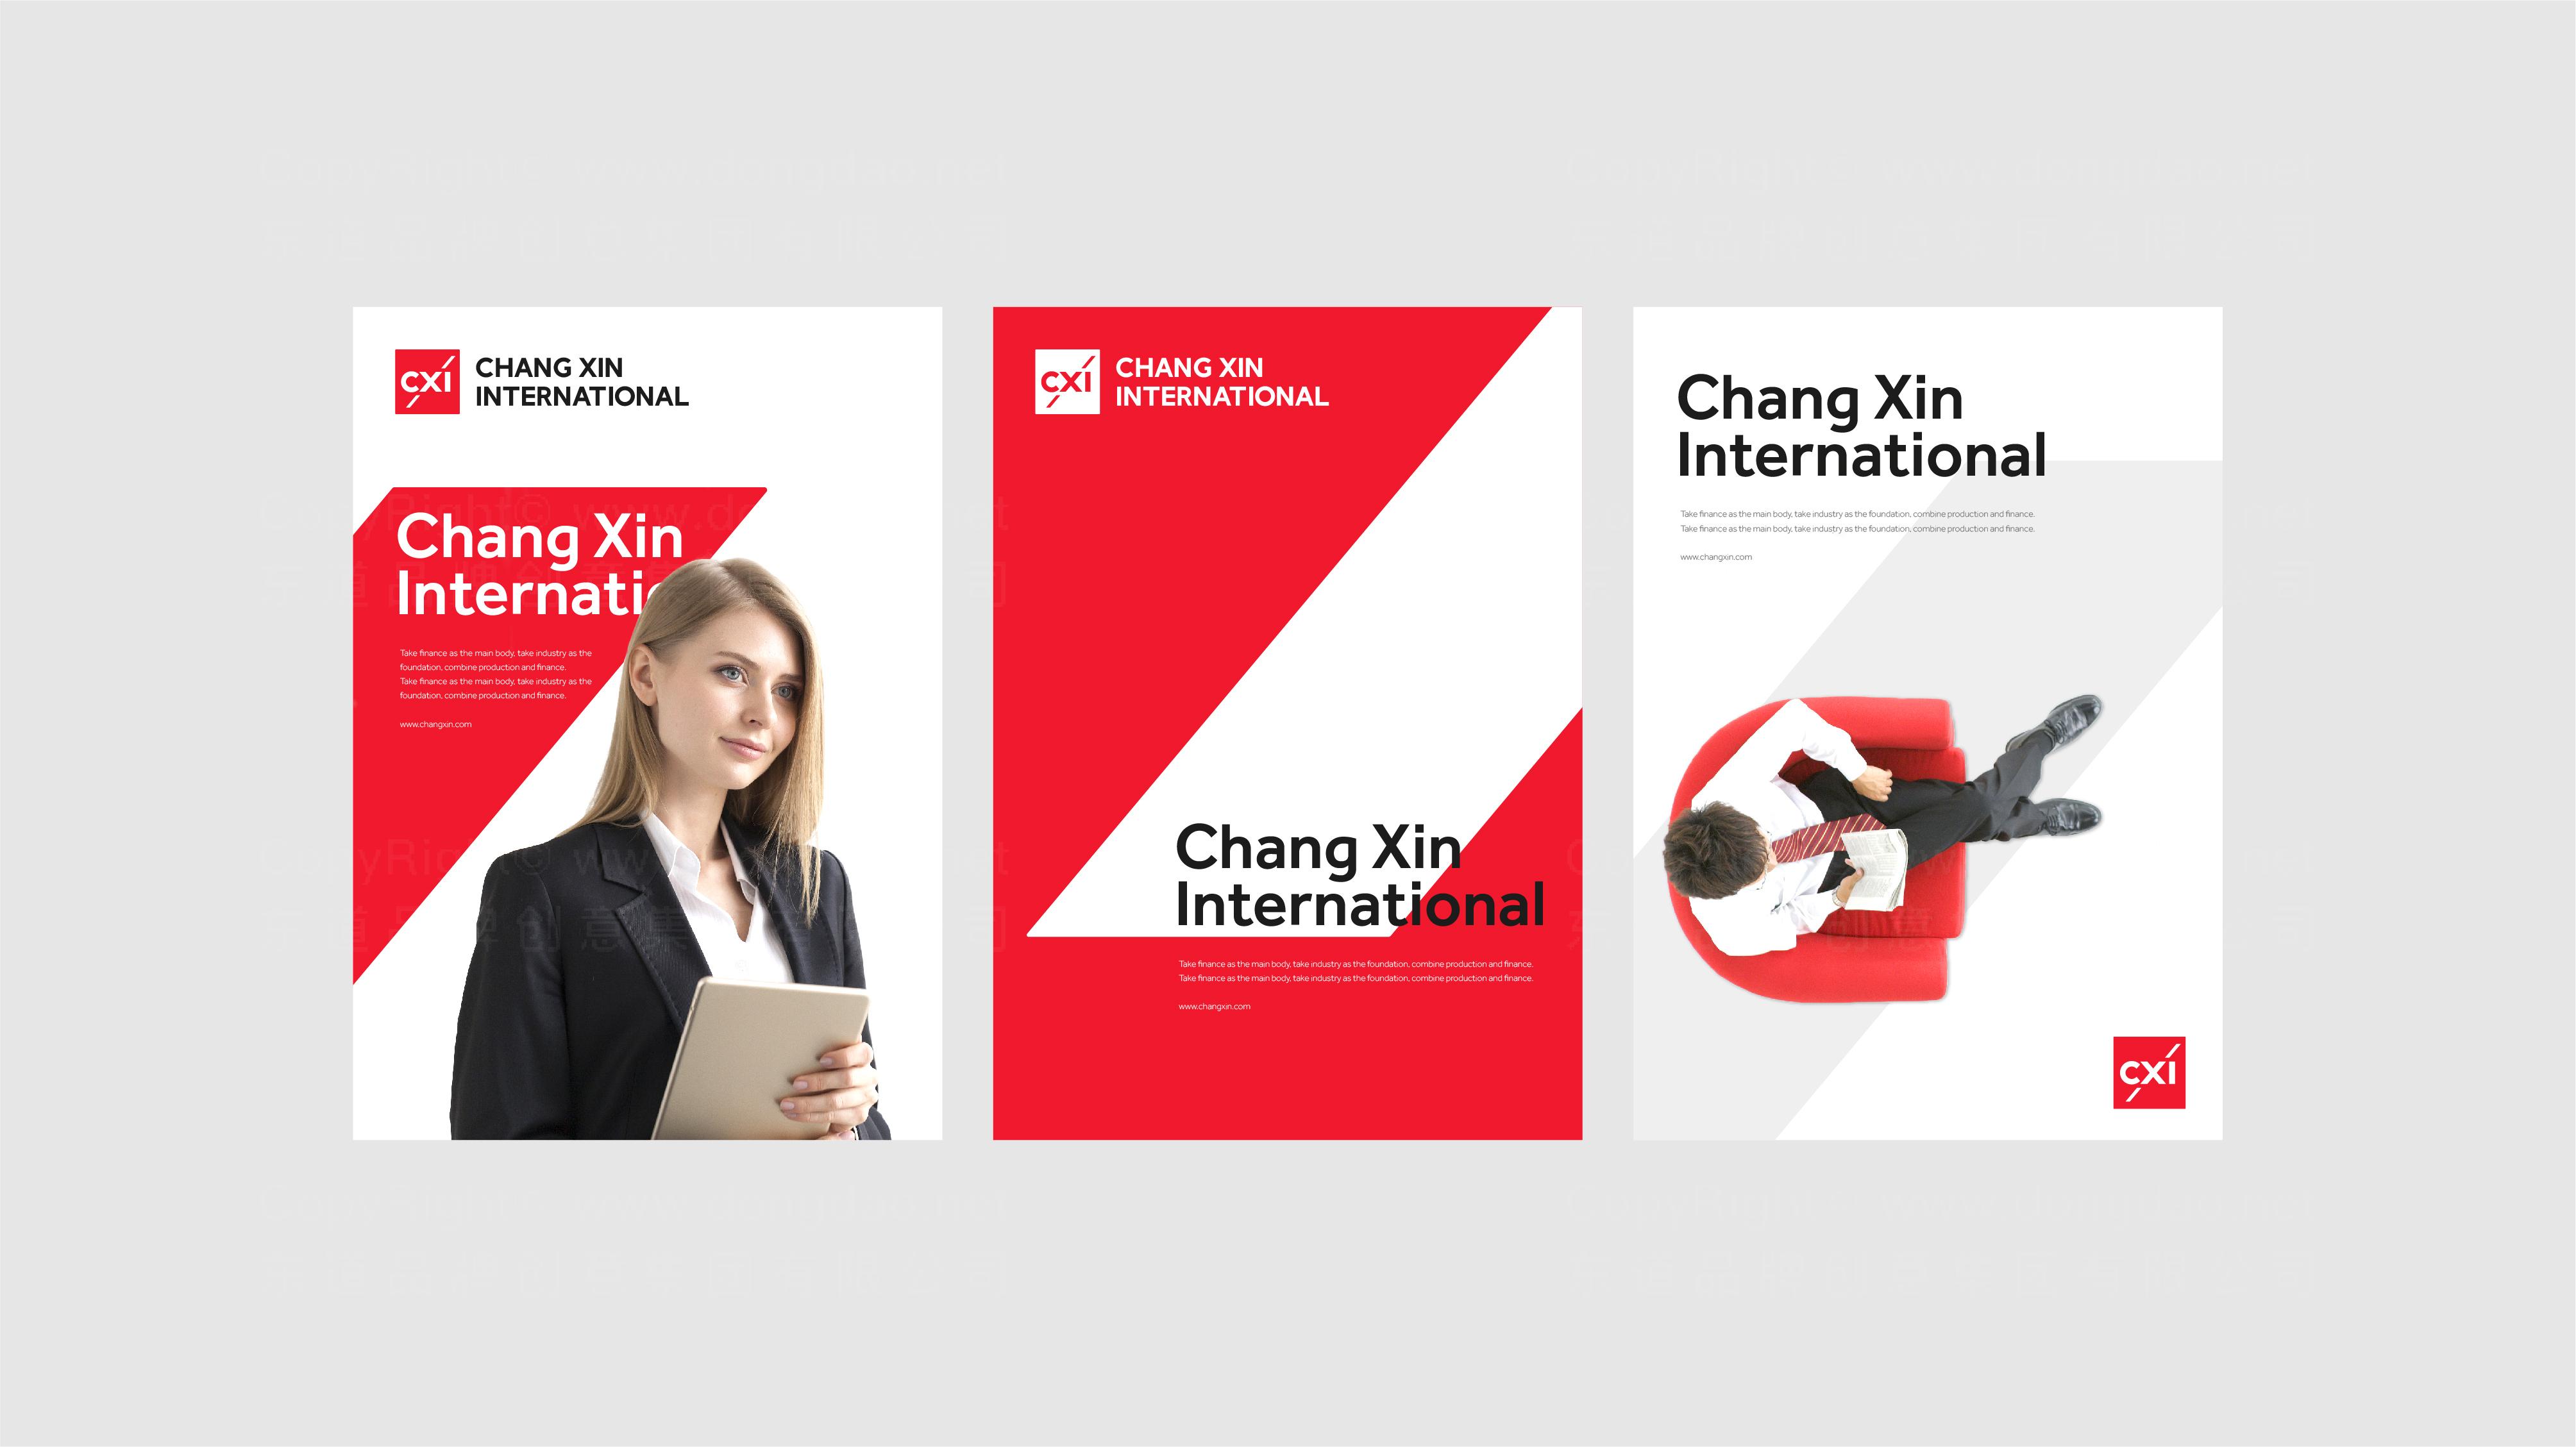 品牌设计常新国际LOGO&VI设计应用场景_6